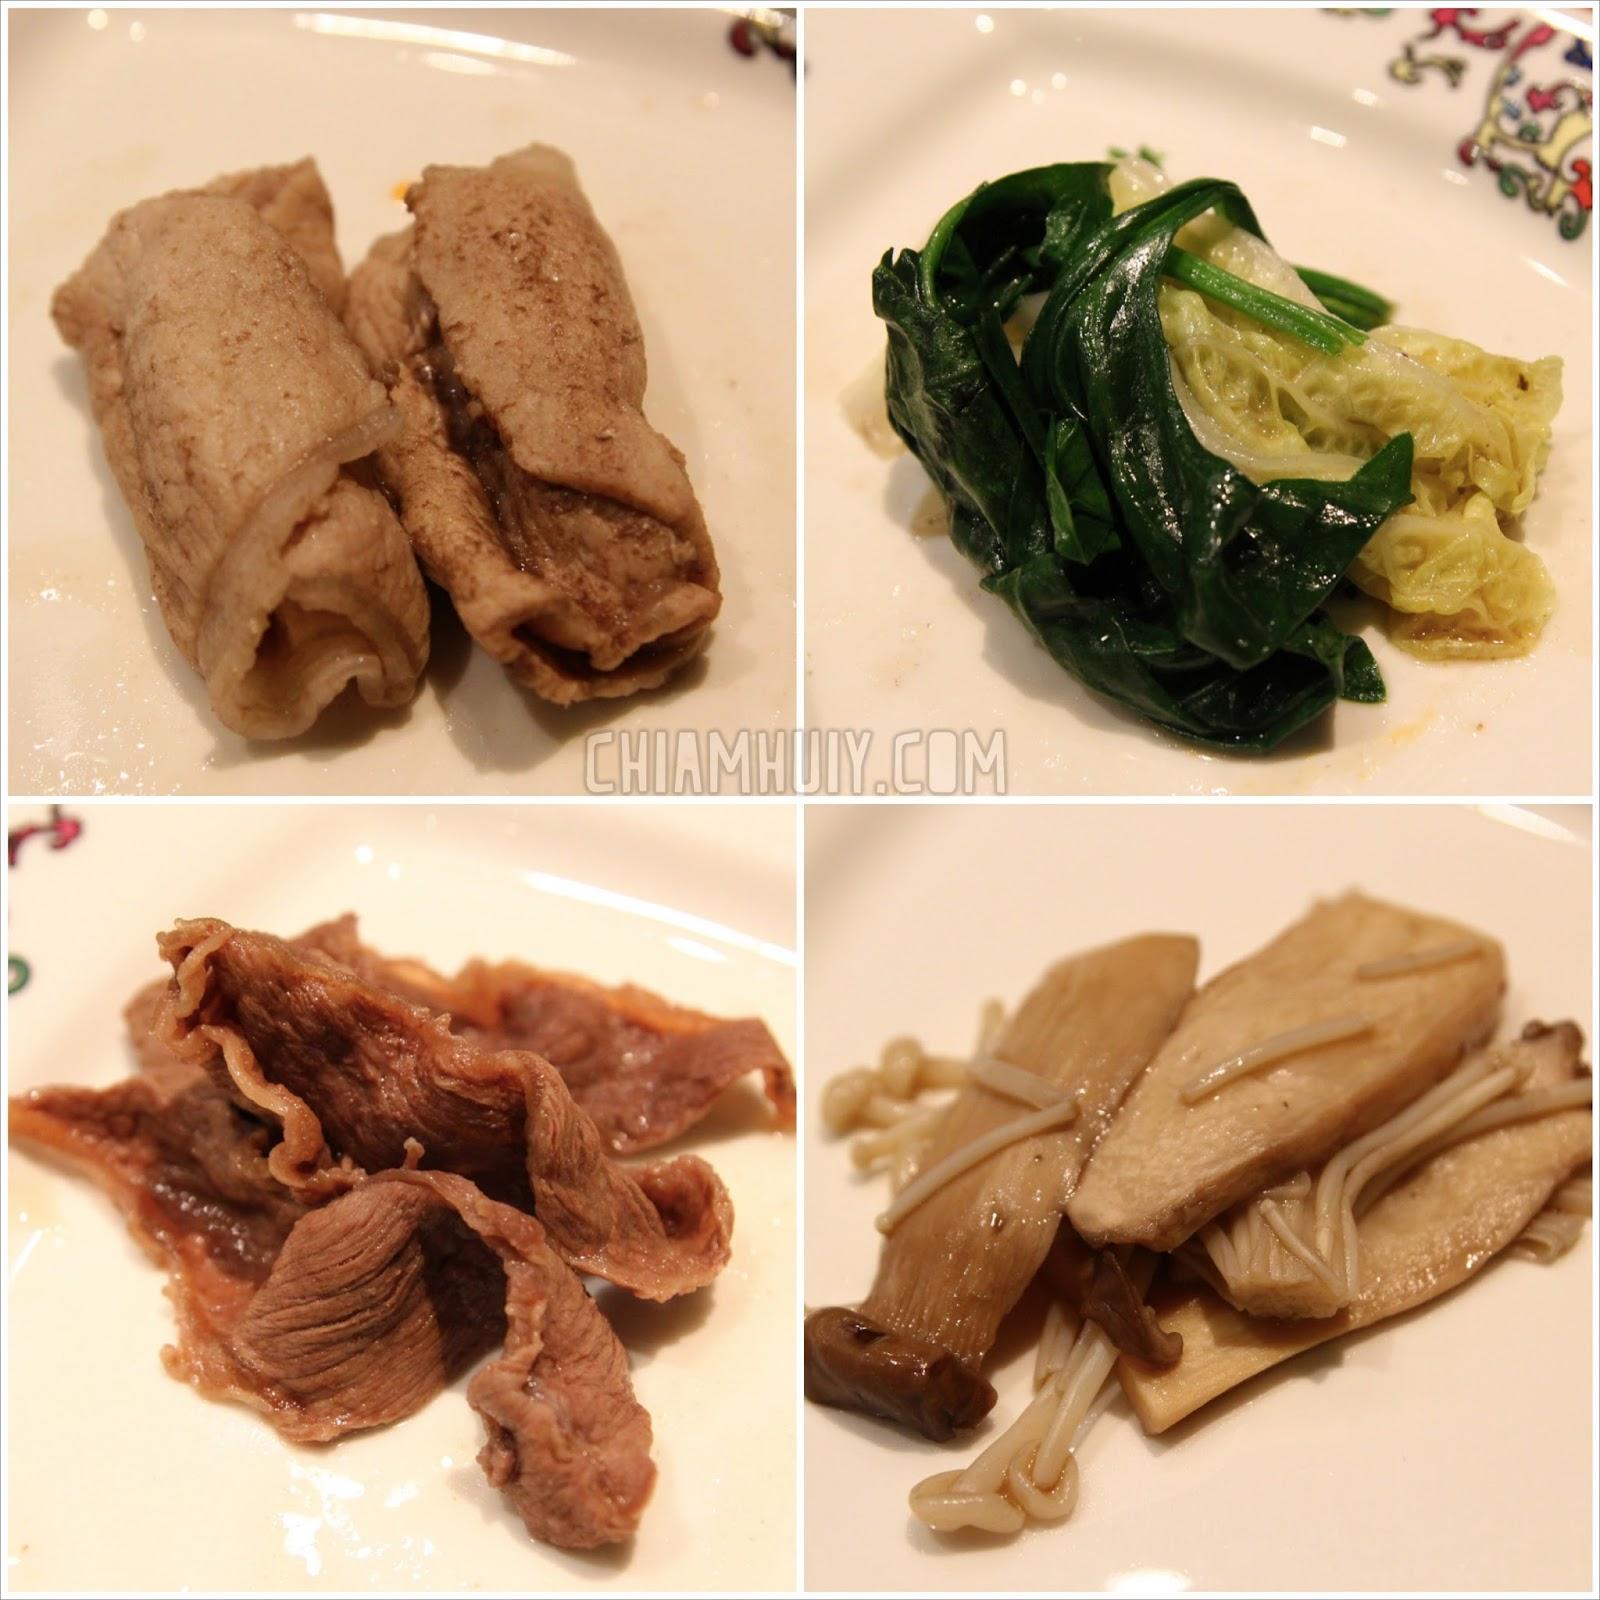 Cuisine Master But | Food Review Cuisine Master Hot Pot Celine Chiam Singapore